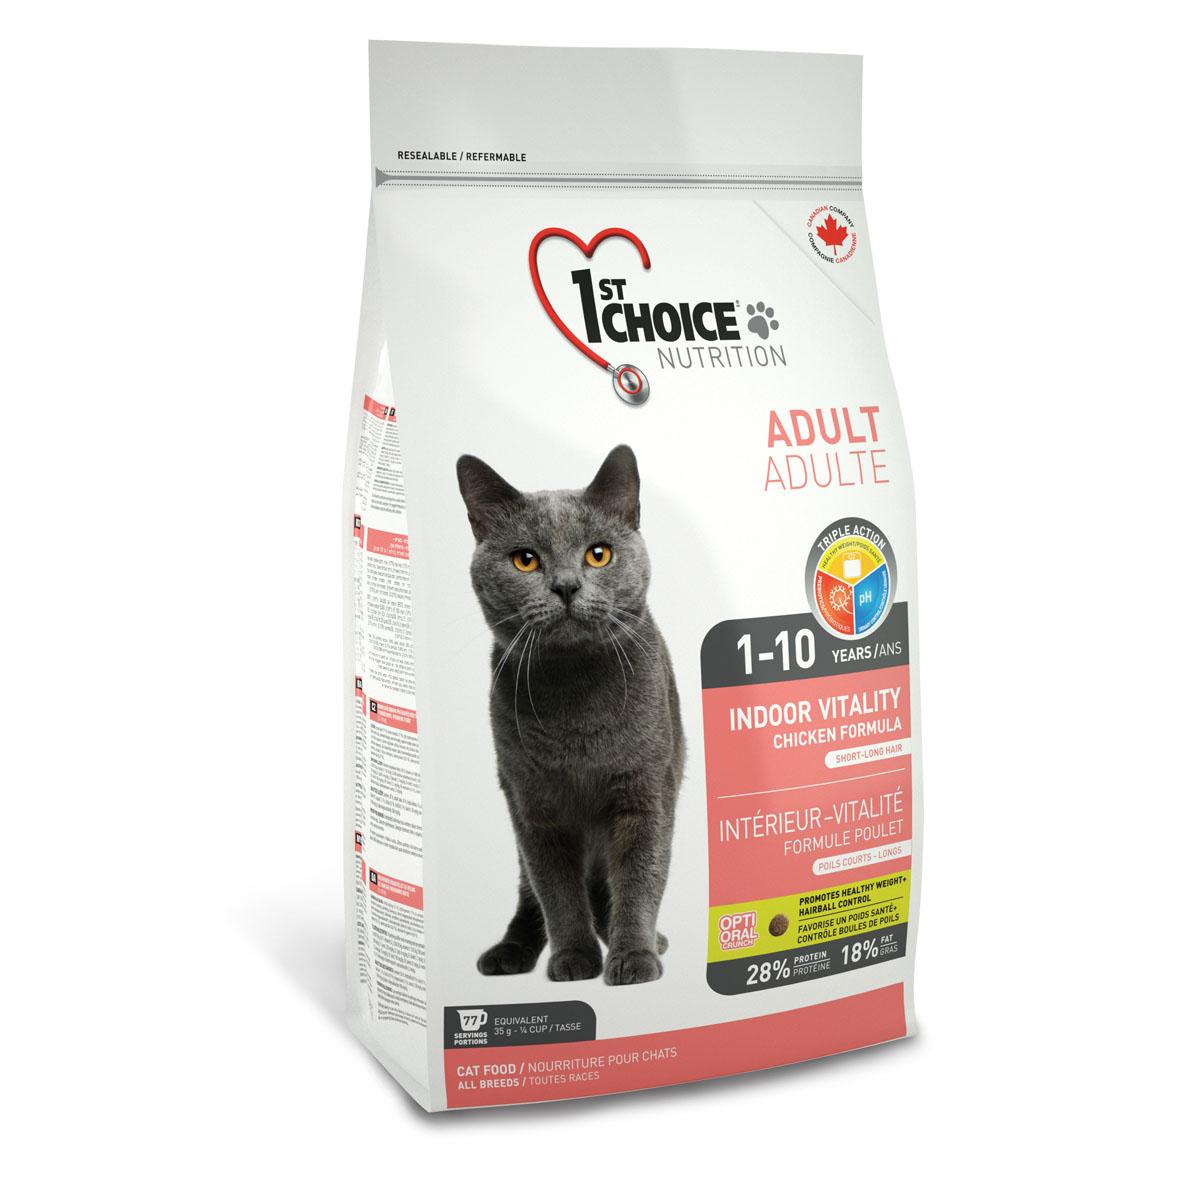 Корм сухой 1st Choice Adult для живущих в помещении взрослых кошек, с курицей, 5,44 кг0120710Сухой корм 1st Choice Adult - идеальная формула для домашних кошек со специальными тщательно отобранными ингредиентами. Помогает сохранить идеальную кондицию и оптимальный вес. Идеальный рН-баланс для здоровья мочевыделительной системы. Содержит экстракт юкки Шидигера, которая связывает аммиак и уменьшает запах экскрементов.Состав: свежая курица 17%, мука из мяса курицы 17%, рис, гороховый протеин, куриный жир, сохраненный смесью натуральных токоферолов (витамин Е), мякоть свеклы, коричневый рис, специально обработанные ядра ячменя и овса, сушеное яйцо, гидролизат куриной печени, цельное семя льна, жир лосося, сушеная мякоть томата, клетчатка гороха, калия хлорид, лецитин, кальция карбонат, холина хлорид, соль, кальция пропионат, натрия бисульфат, таурин, DL- метионин, L-лизин, экстракт дрожжей (источник маннан-олигосахаридов), железа сульфат, аскорбиновая кислота (витамин С), экстракт цикория (источник инулина), цинка оксид, натрия селенит, альфа-токоферол ацетат (витамин Е), никотиновая кислота, экстракт юкки Шидигера, кальция иодат, марганца оксид, L-карнитин, D-кальция пантотенат, тиамина мононитрат, рибофлавин, пиридоксина гидрохлорид, витамин А, холекальциферол (витамин Д3), биотин, сушеная мята (0,01%), сушеная петрушка 0,01%, экстракт зеленого чая 0,01%, цинка протеинат, витамин В12, кобальта карбонат, фолиевая кислота, марганца протеинат, меди протеинат. Гарантированный анализ: сырой протеин мин. 28%, сырой жир мин.1 8%, сырая клетчатка макс. 3%, влага макс. 10%, зола макс. 8,5%, кальций мин. 1,1%, фосфор мин. 0,9%, марганец макс. 0,1%, витамин А мин. 34 000 МЕ/кг, витамин Д3 мин. 2 000 МЕ/кг, витамин Е мин. 150 МЕ/кг, таурин 2100 мг/кг, маннан-олигосахариды 1000 мг/кг, фрукто-олигосахариды 500 мг/кг. Энергетическая ценность корма: 440 ккал/100 г.Товар сертифицирован.